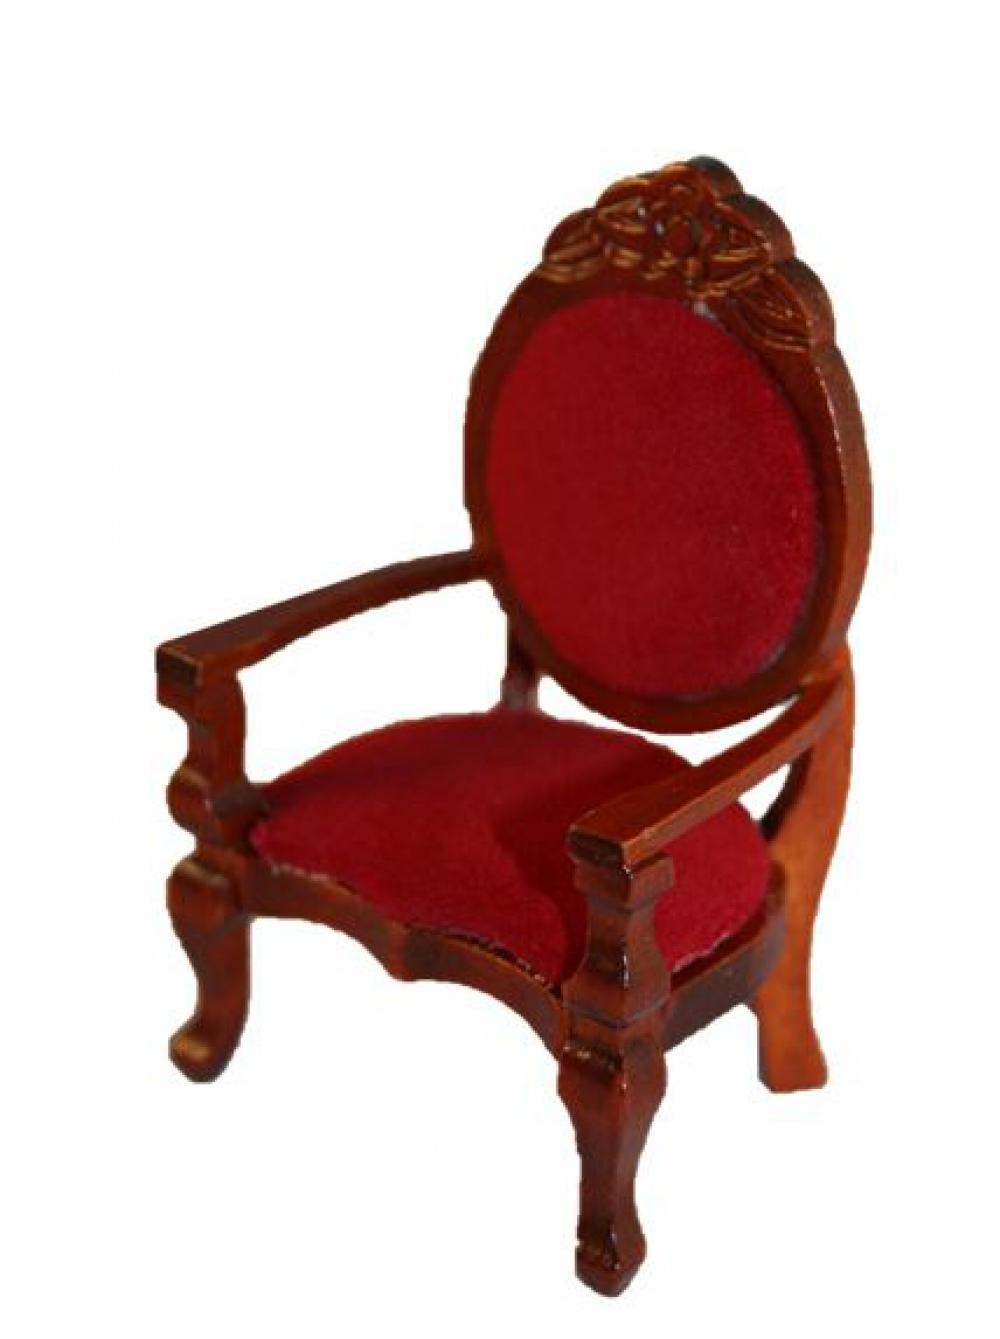 stuhl 8cm mit rotem samt polster mahagoni sk spielwaren. Black Bedroom Furniture Sets. Home Design Ideas